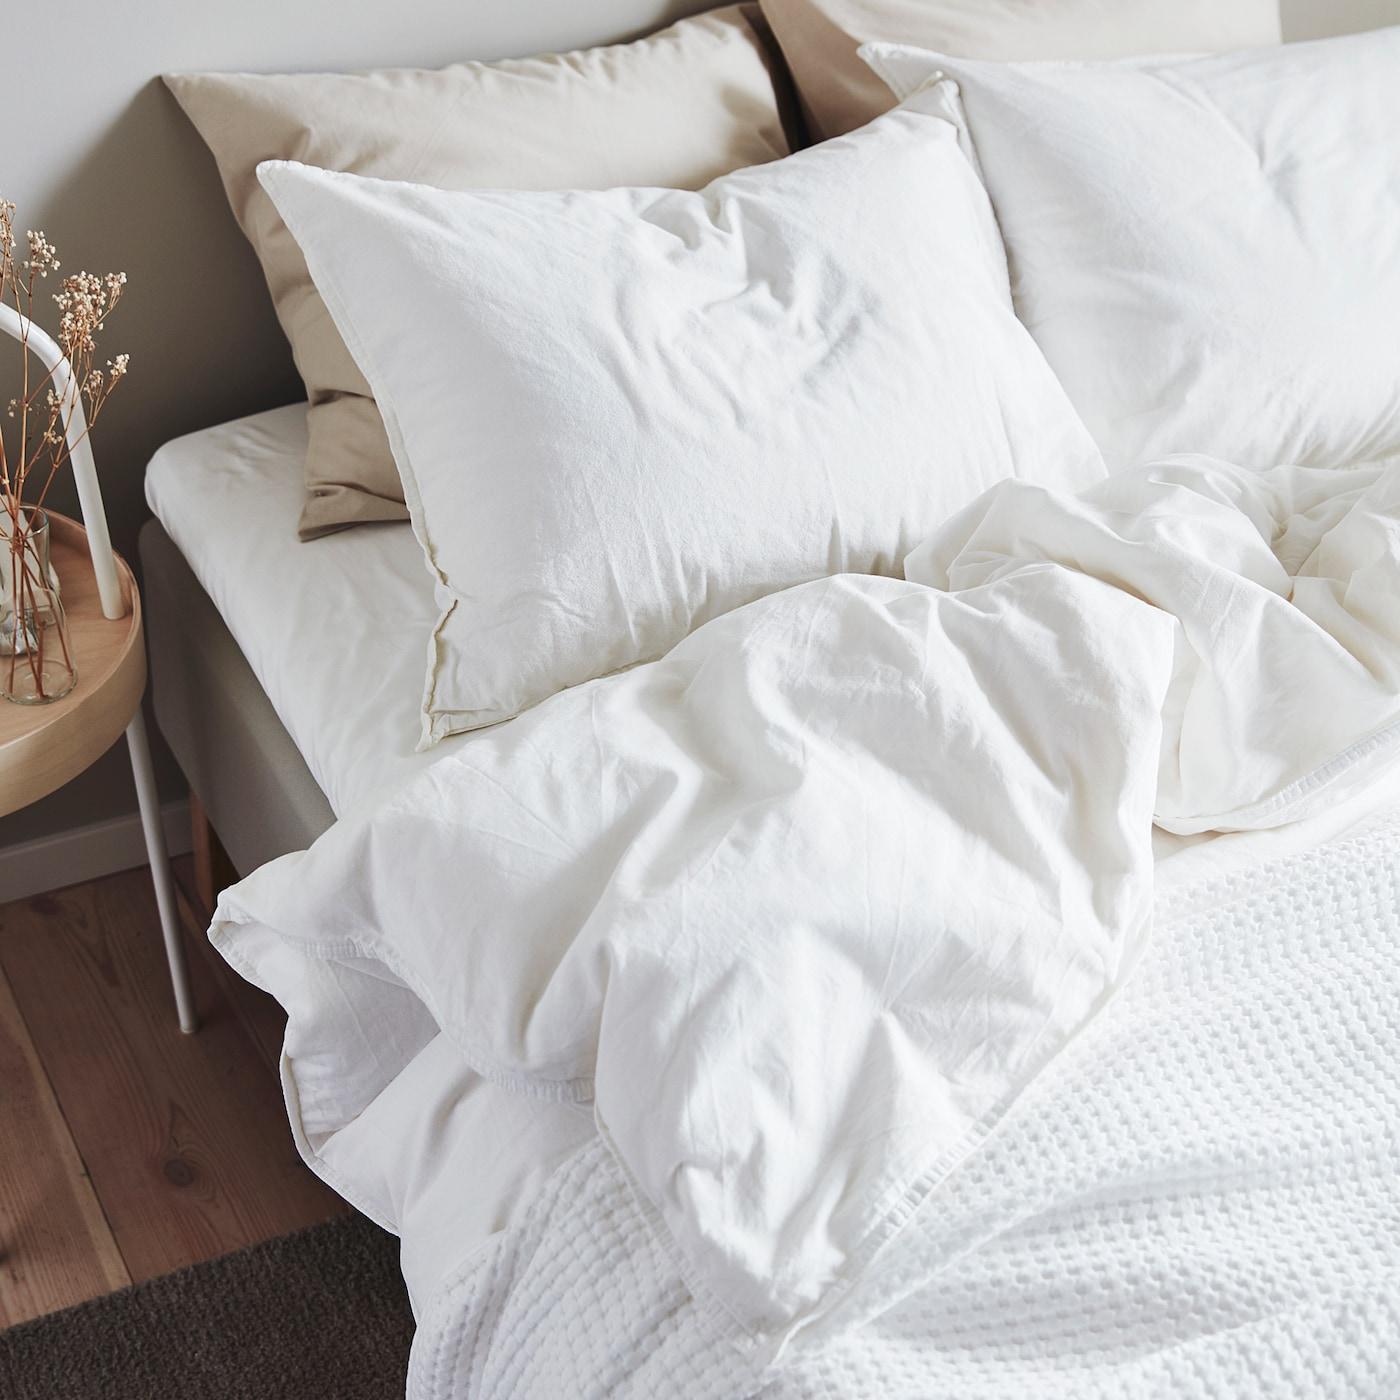 angslilja duvet cover and 2 pillowcases white 260x220 50x60 cm